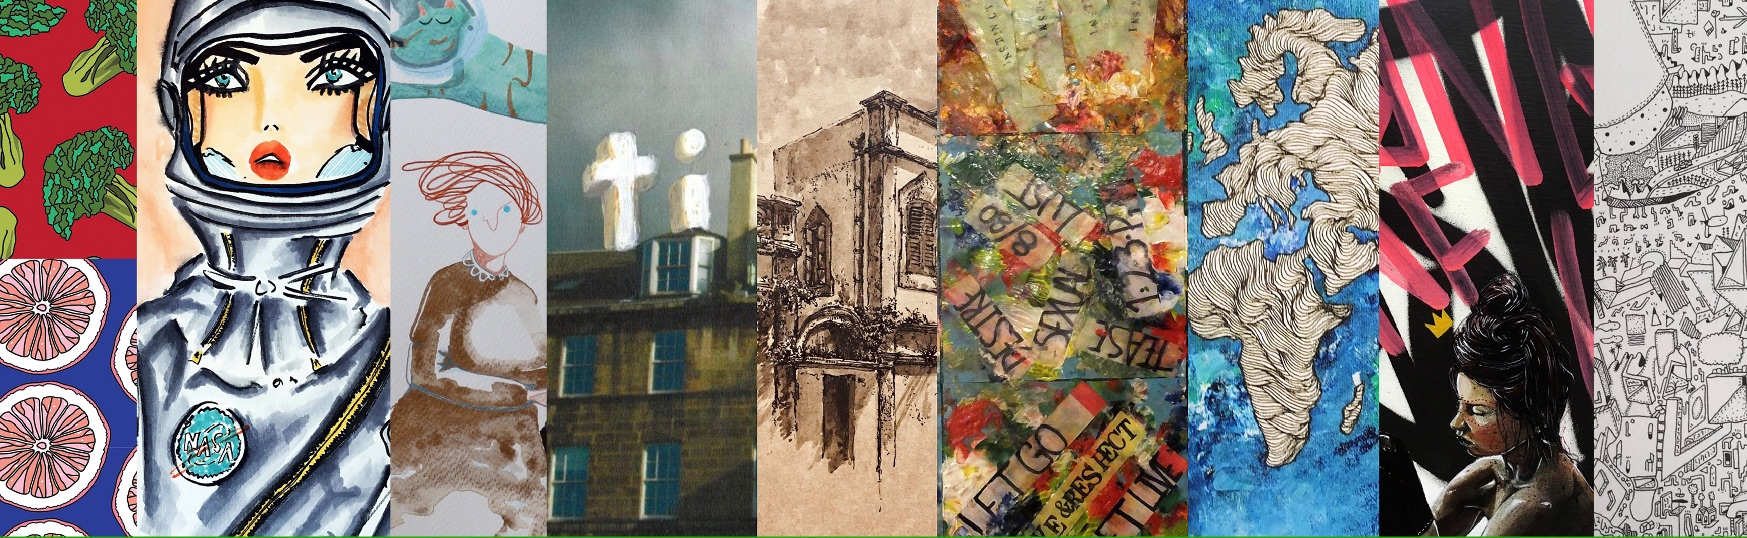 """Exposição """"Arte de Ilustração: Amesterdão x Macau"""" inaugurada hoje na FRC"""